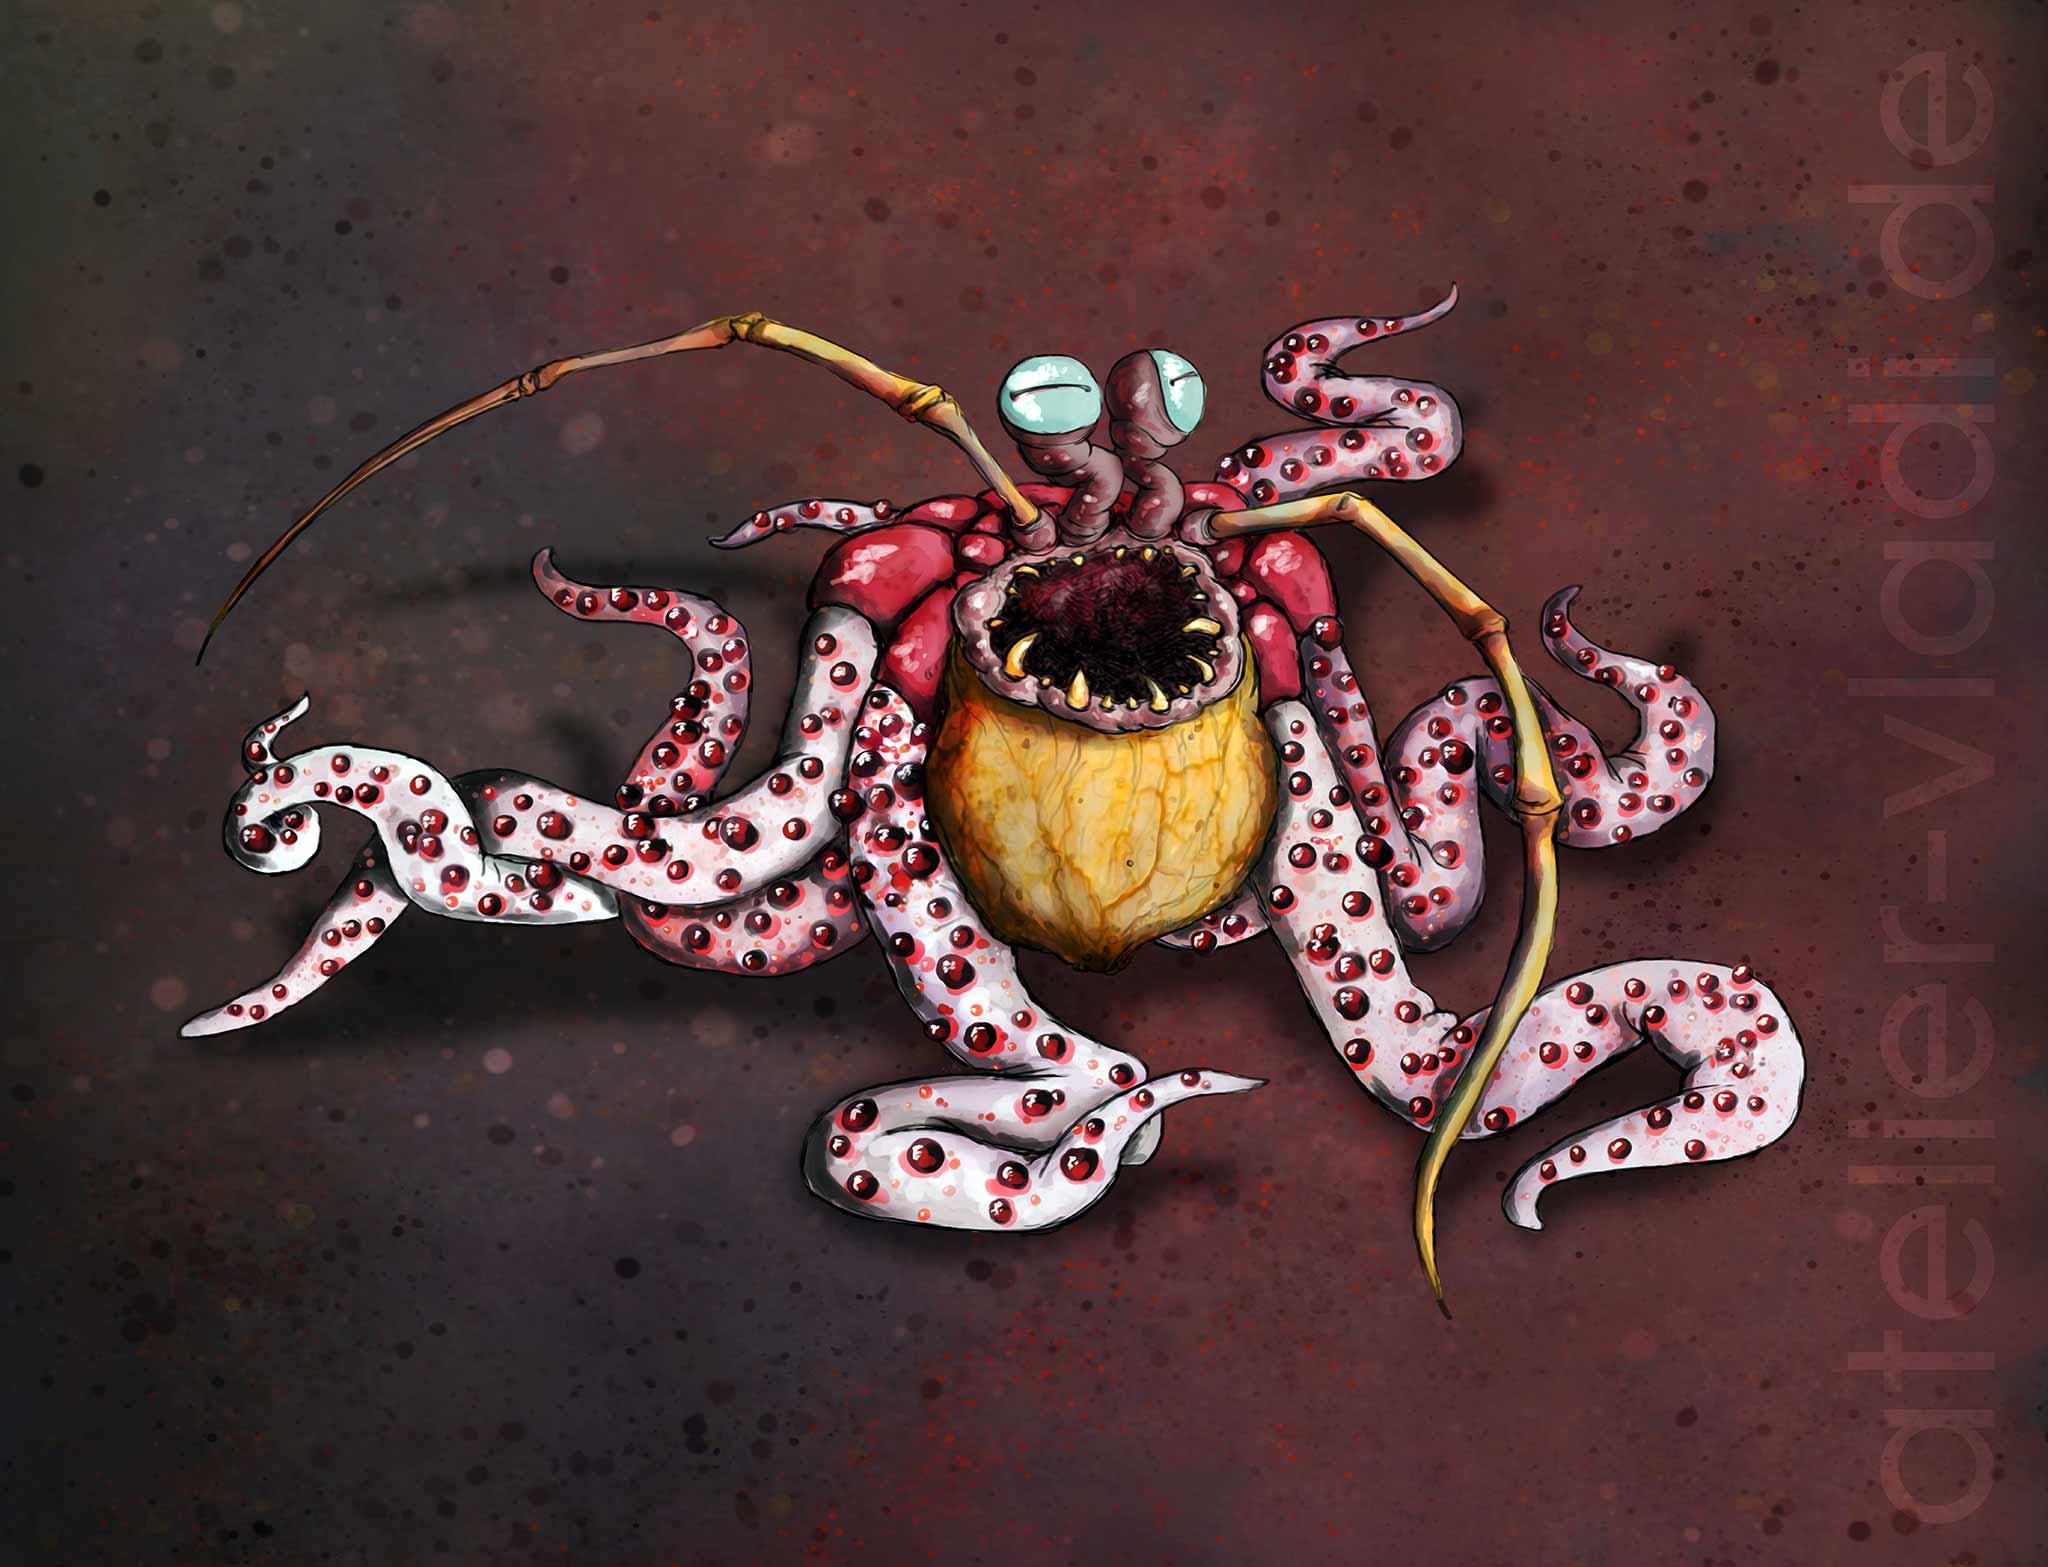 Monster-kl